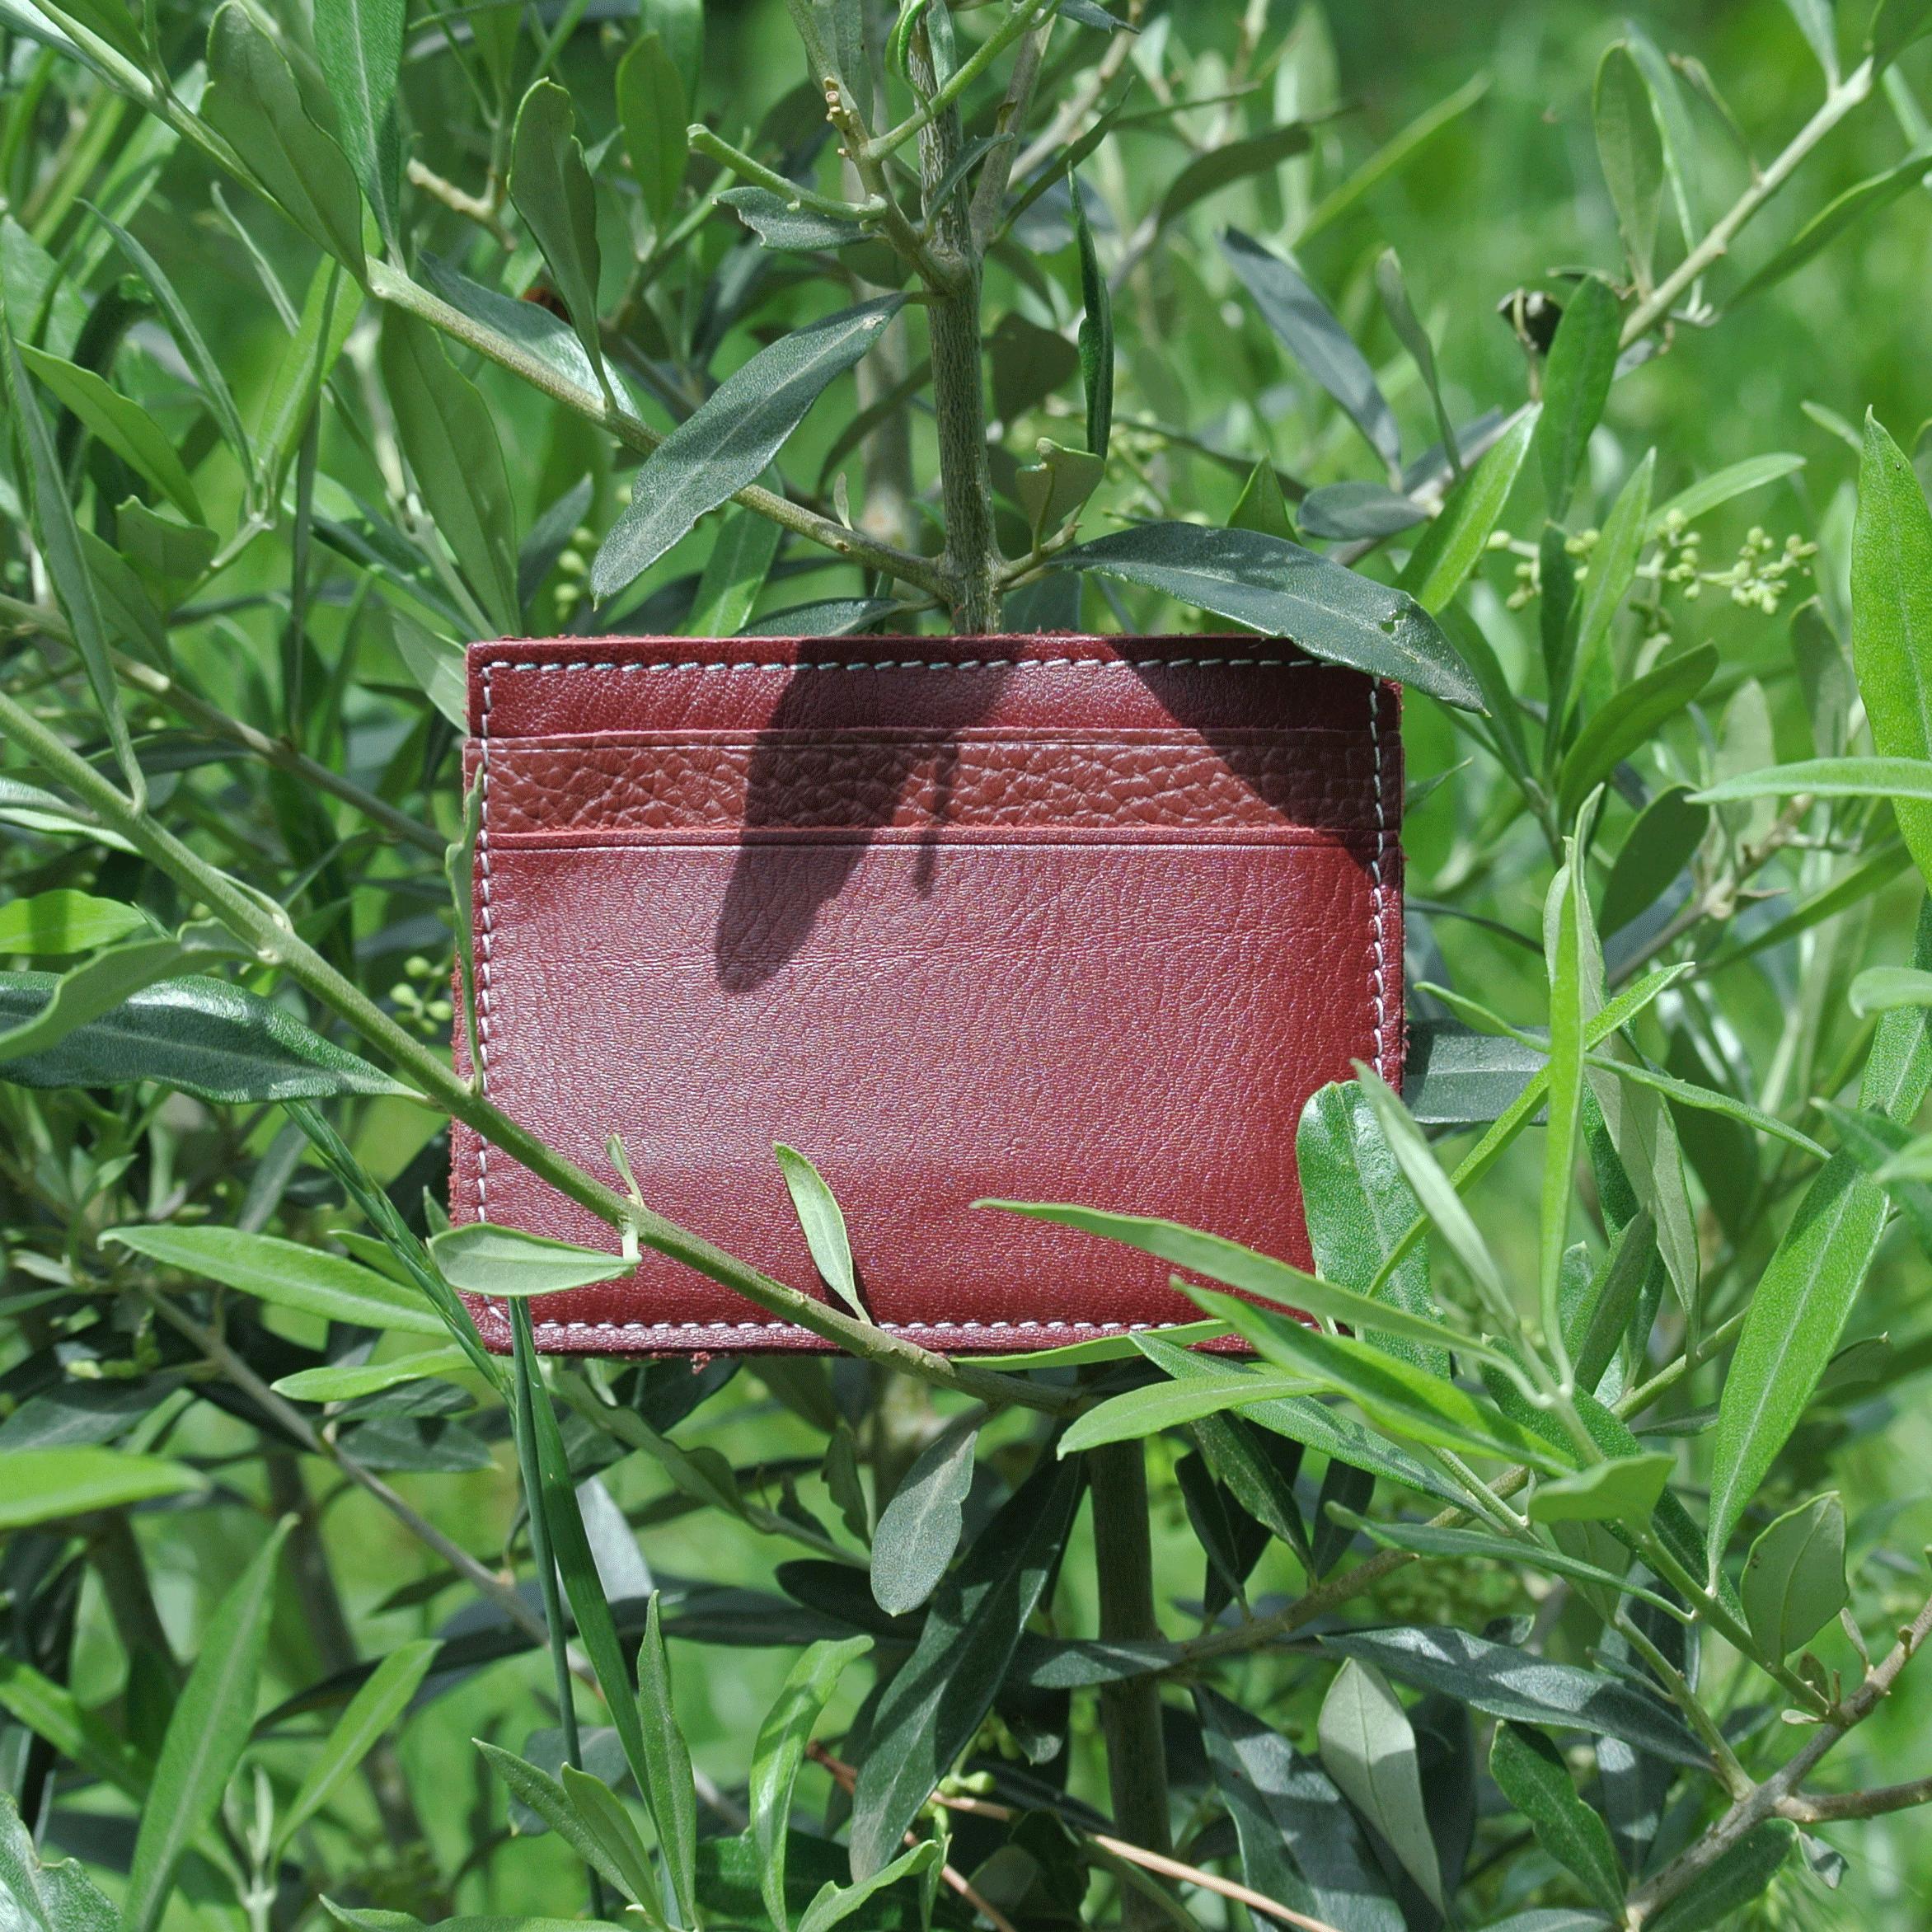 cuirs-pailletés-cuirs-fantaisies-fabriqué-en-france-la-cartabliere-etui-carte-triple-cuir-nappa-bordeaux